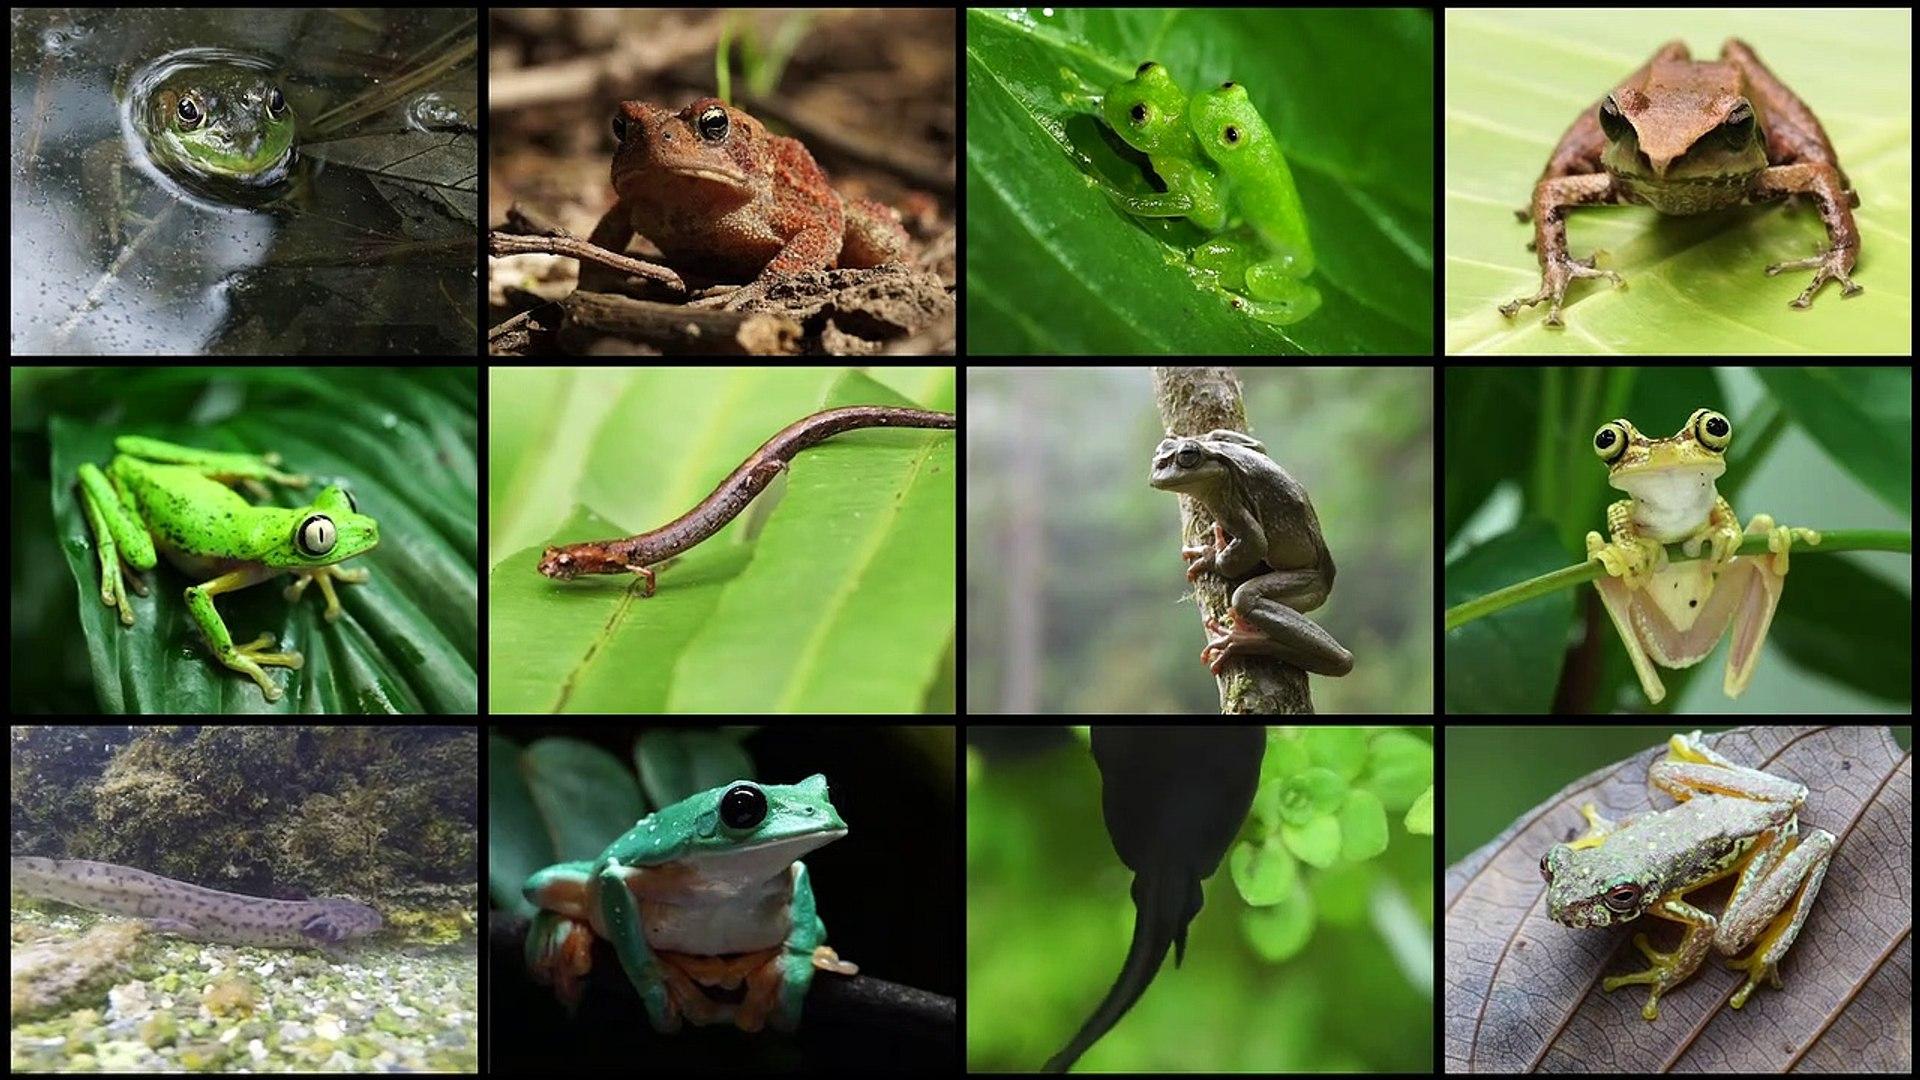 El hongo que mata a 500 especies de anfibios - Vídeo Dailymotion